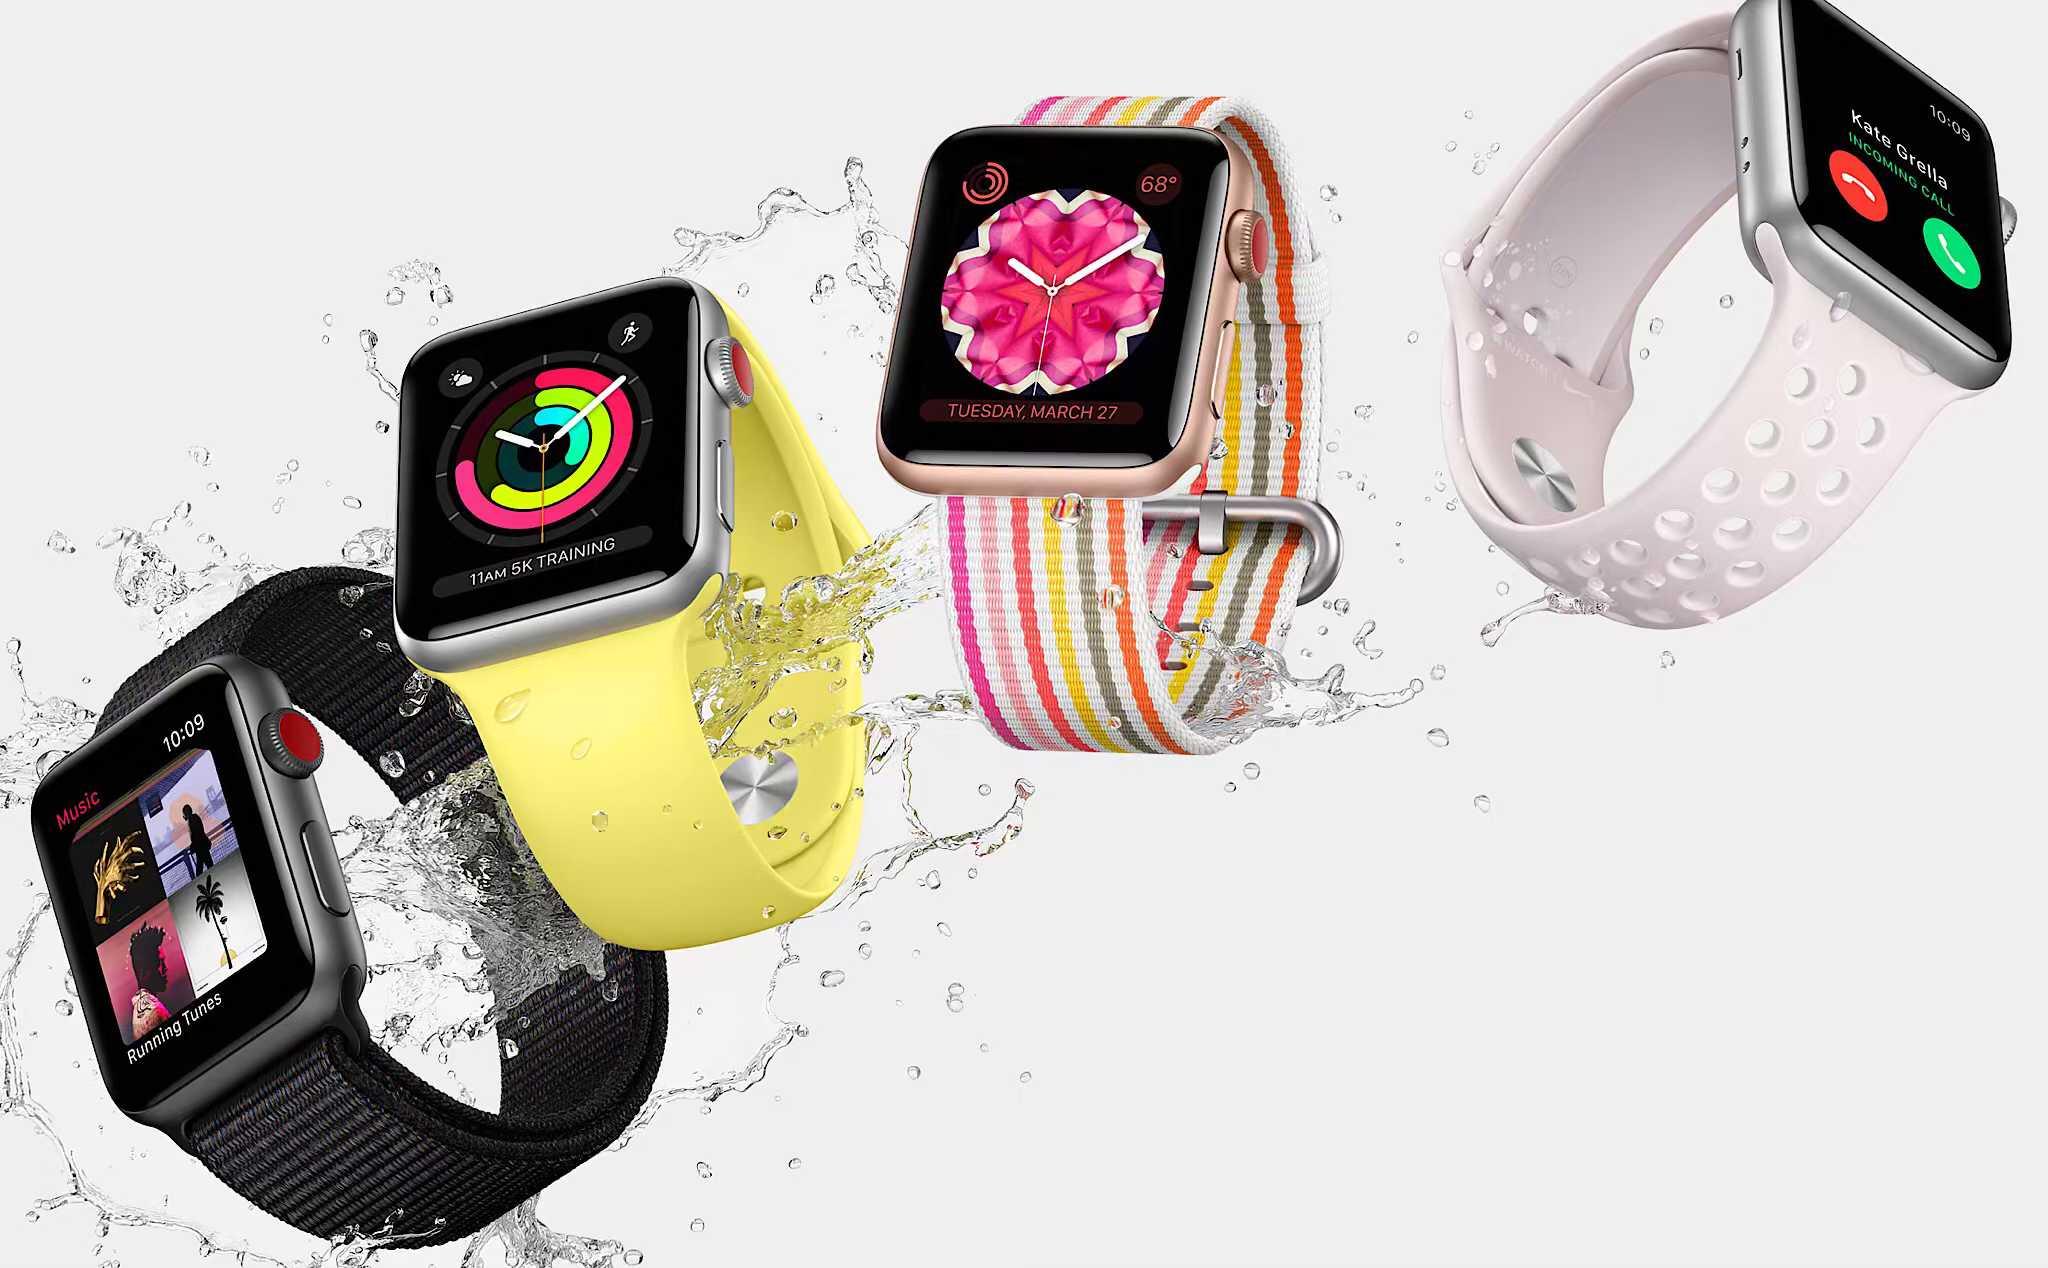 Thay pin Apple Watch có ảnh hưởng khả năng chống nước của thiết bị hay không